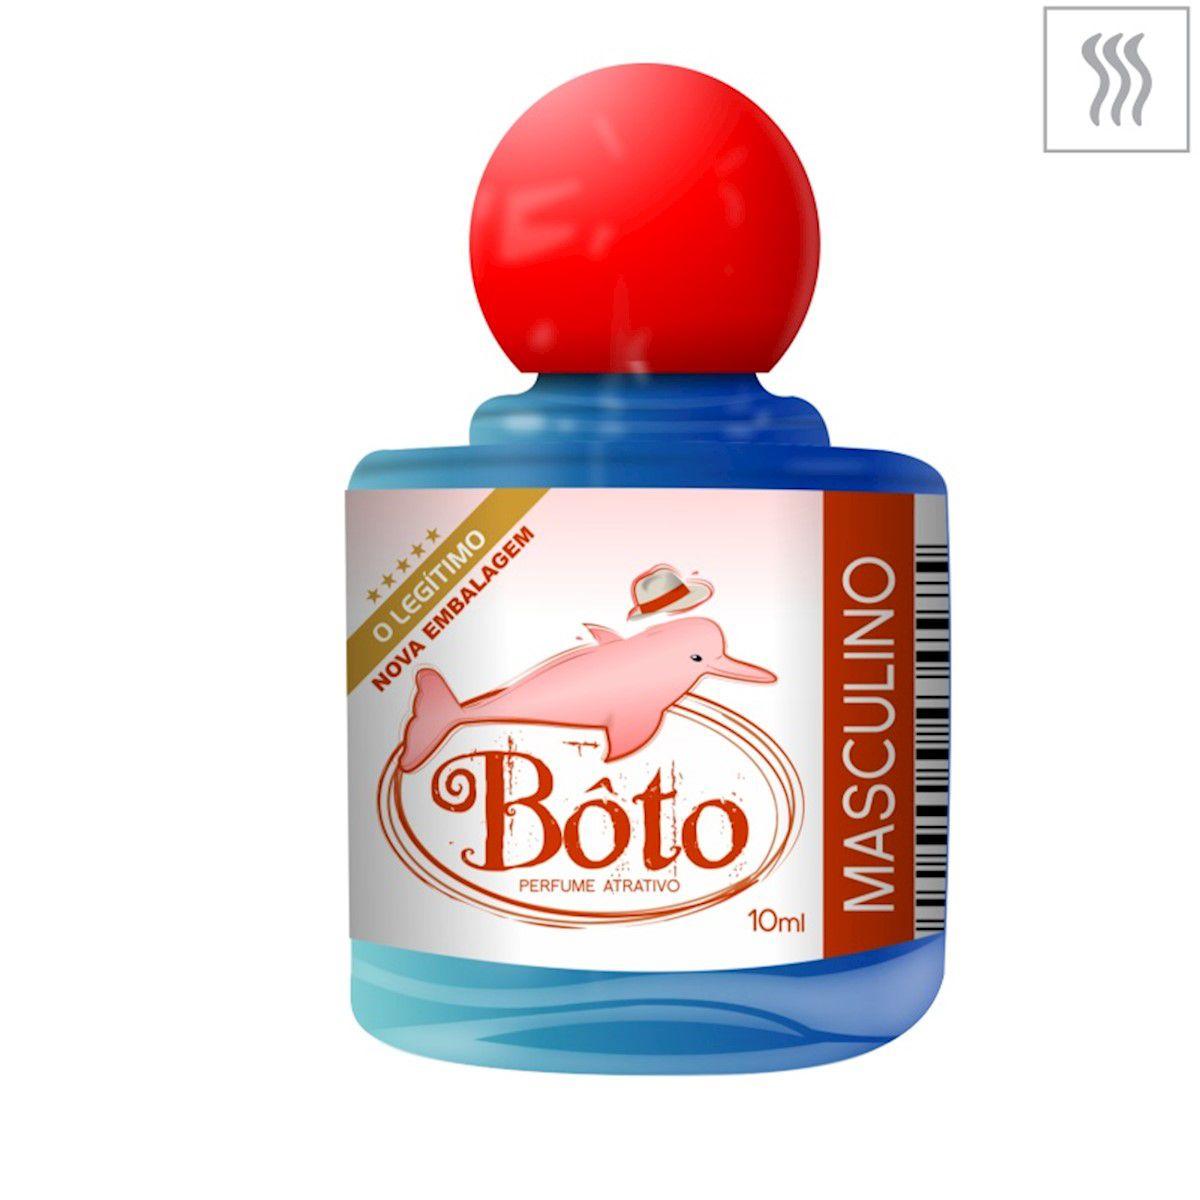 Perfume Afrodisíaco Masculino Bôto Concentrado 10ml